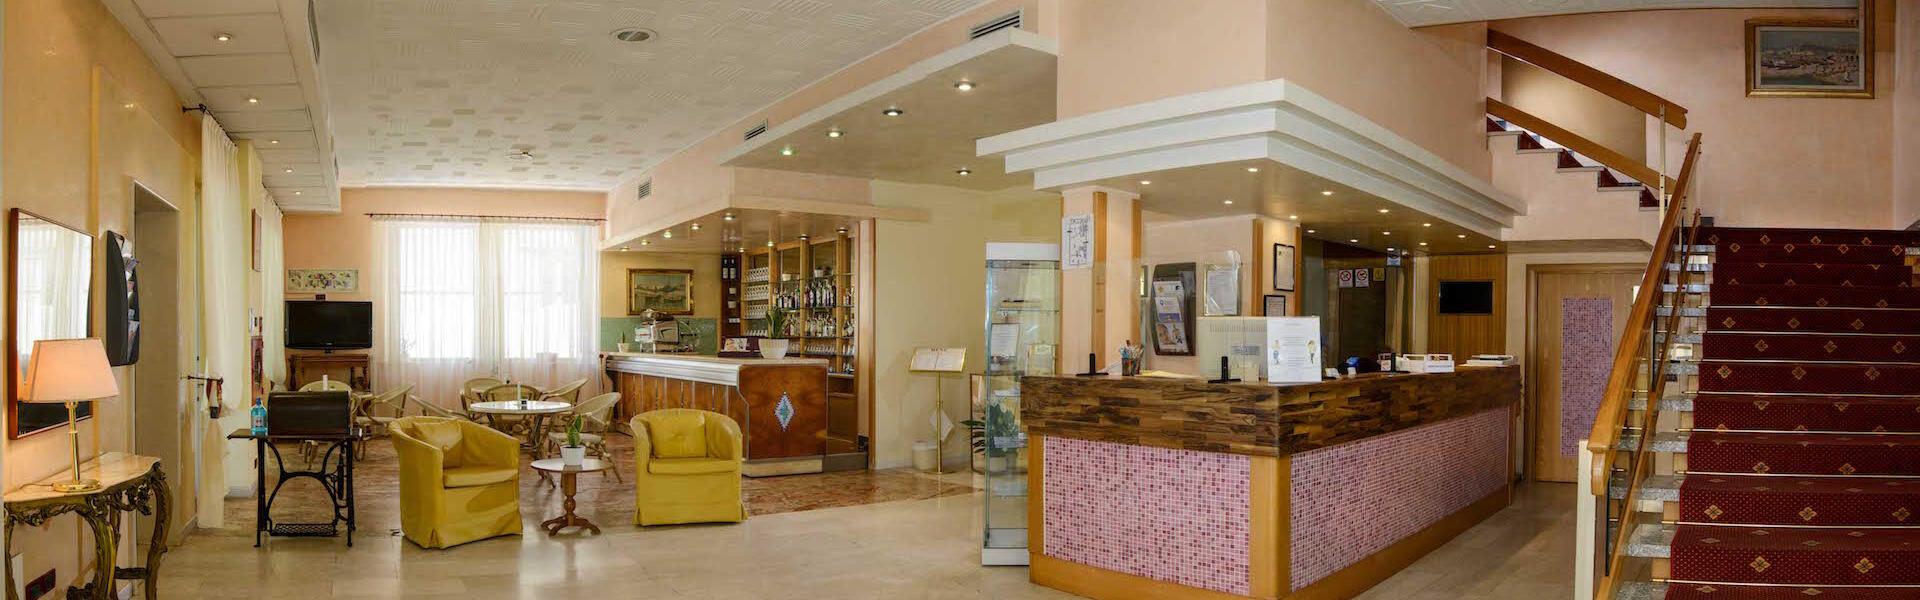 hotelkennedy it galleria 006